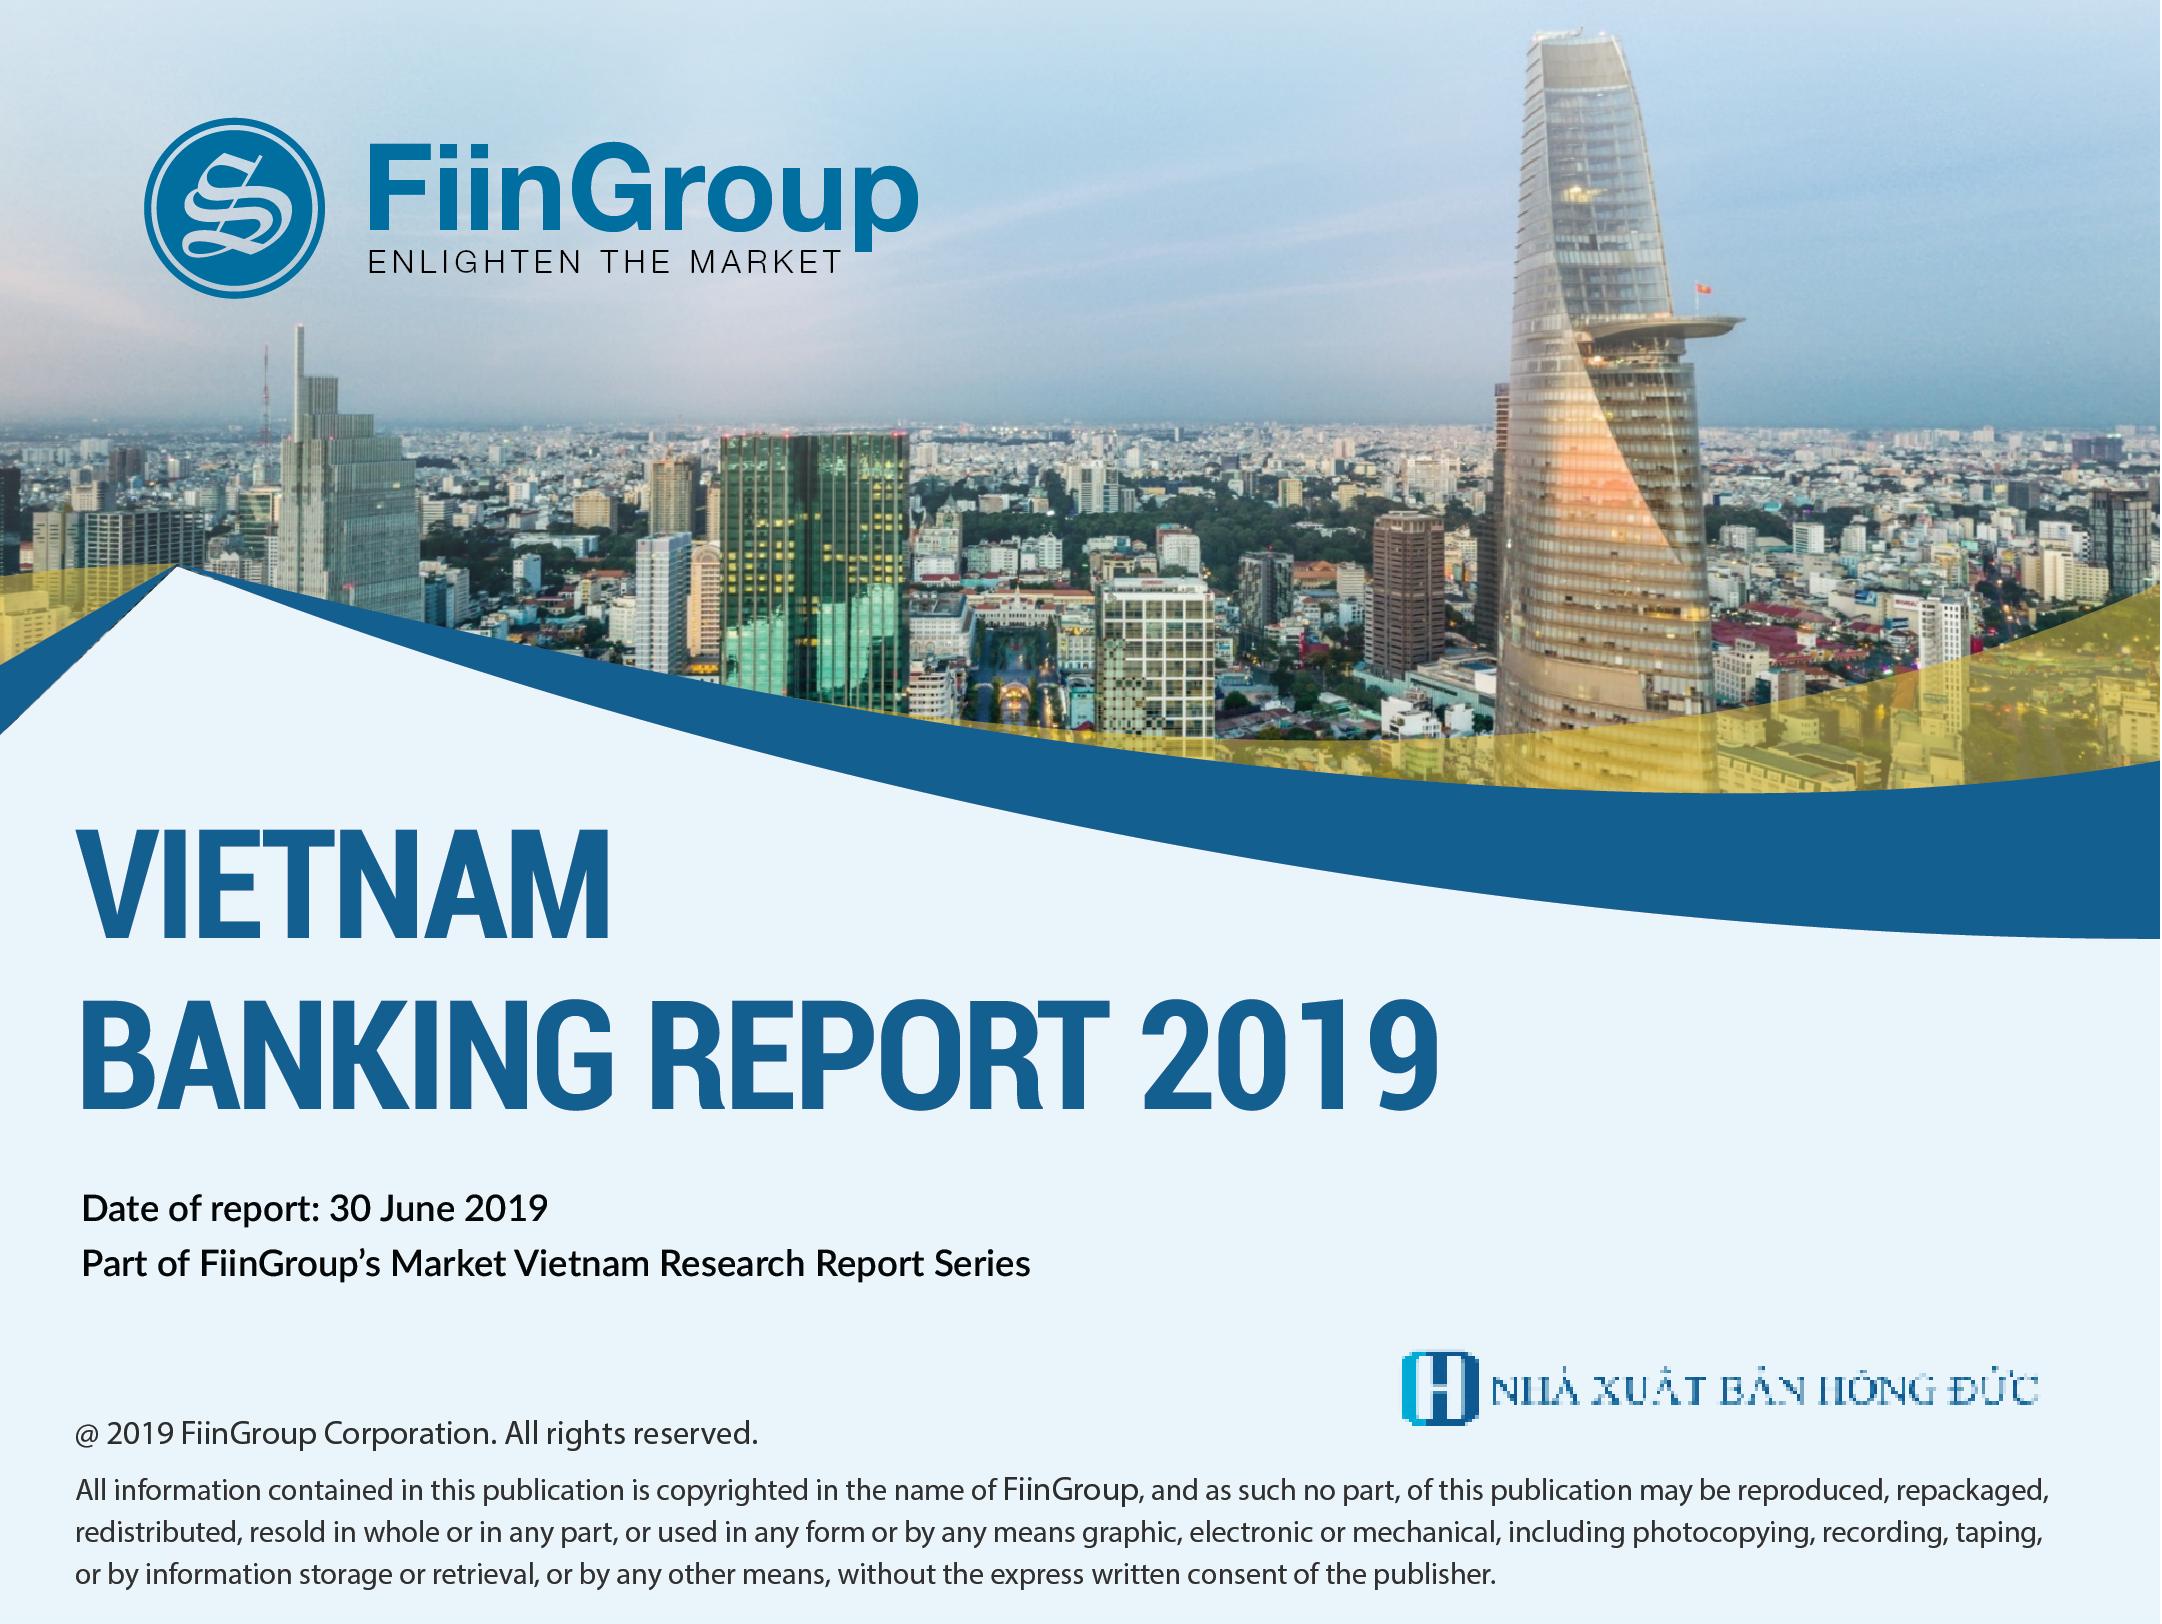 Upcoming release - Vietnam Banking Report 2019